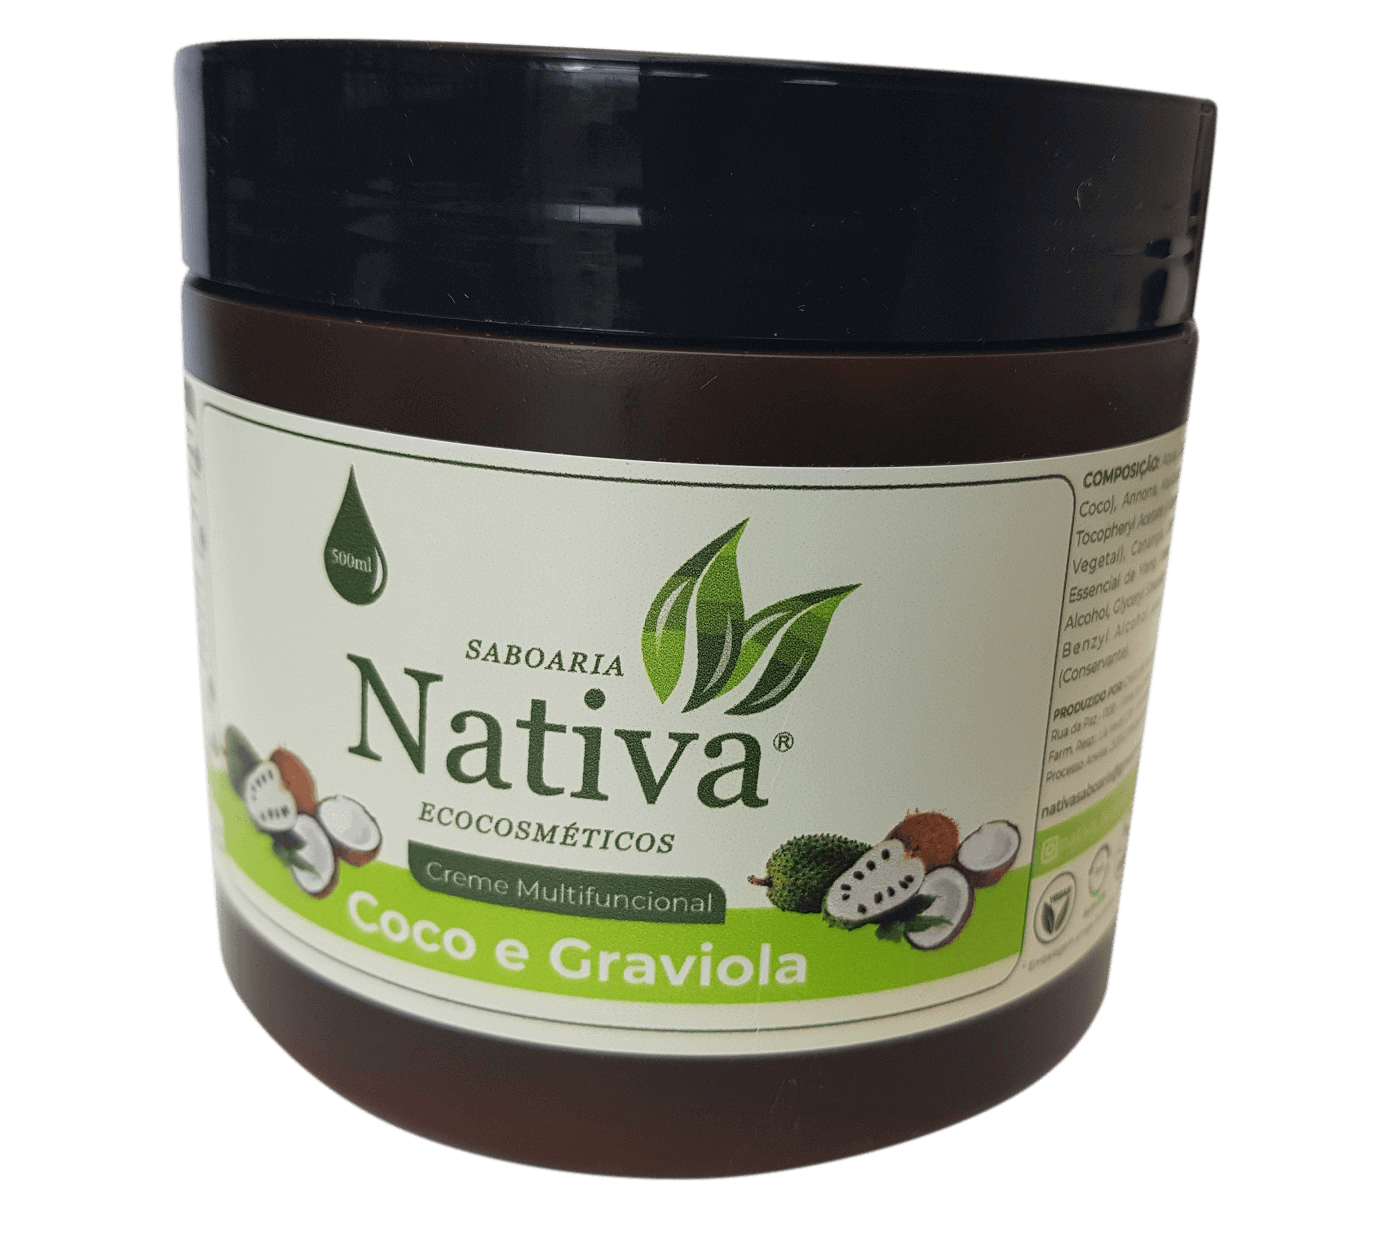 Creme Multifuncional Graviola e Coco - 500ml  - Saboaria Nativa Ecocosméticos